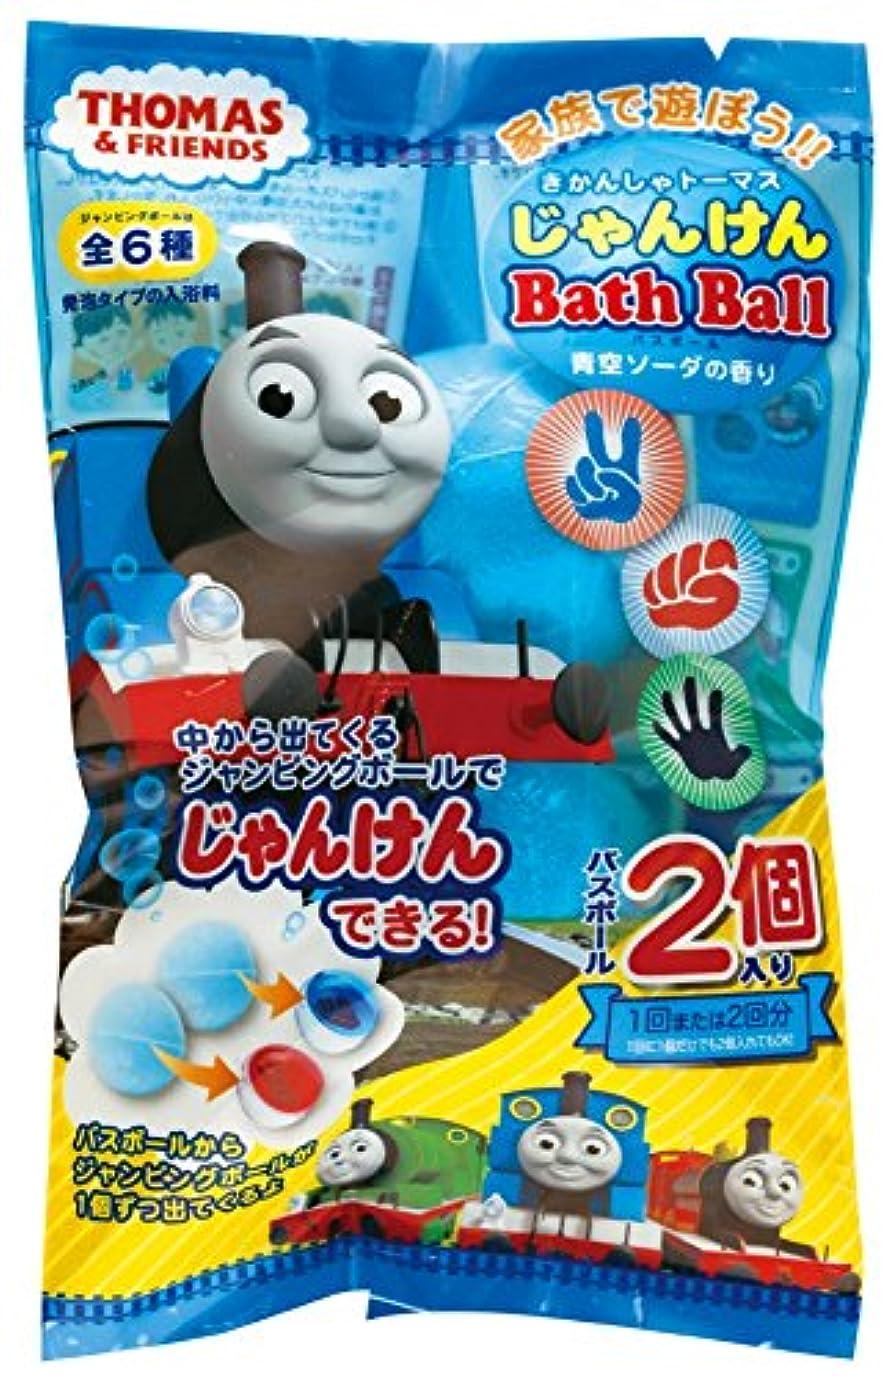 メタリック公園散らすきかんしゃトーマス 入浴剤 じゃんけんバスボール 2個入り おまけ付き 青色ソーダの香り OB-TOB-4-1